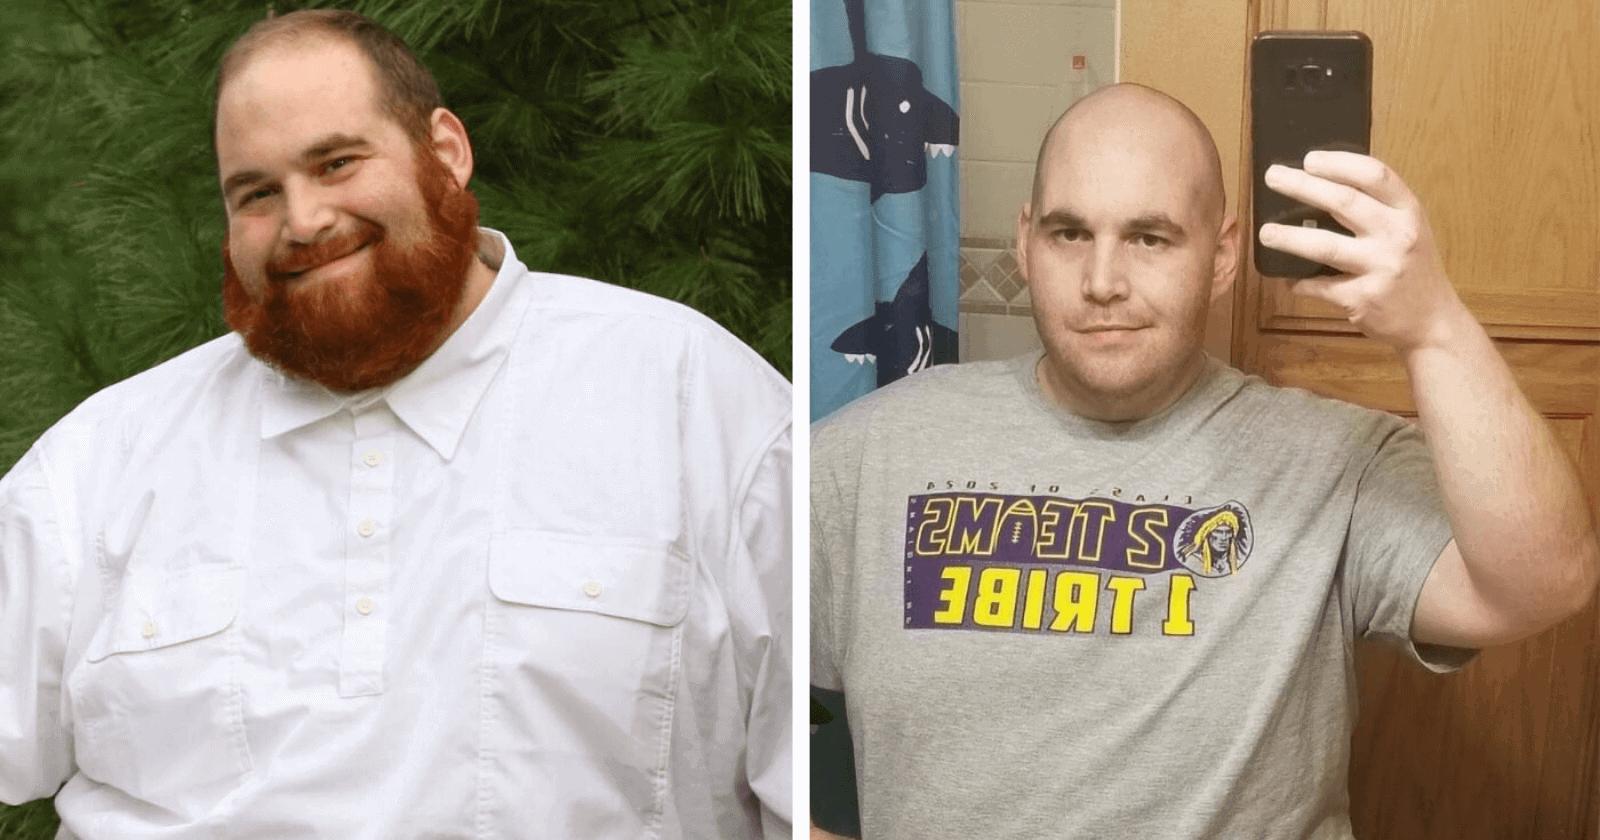 Homem que ficou famoso mudança ao perder peso recebe ataque na web e decide responder da melhor forma!